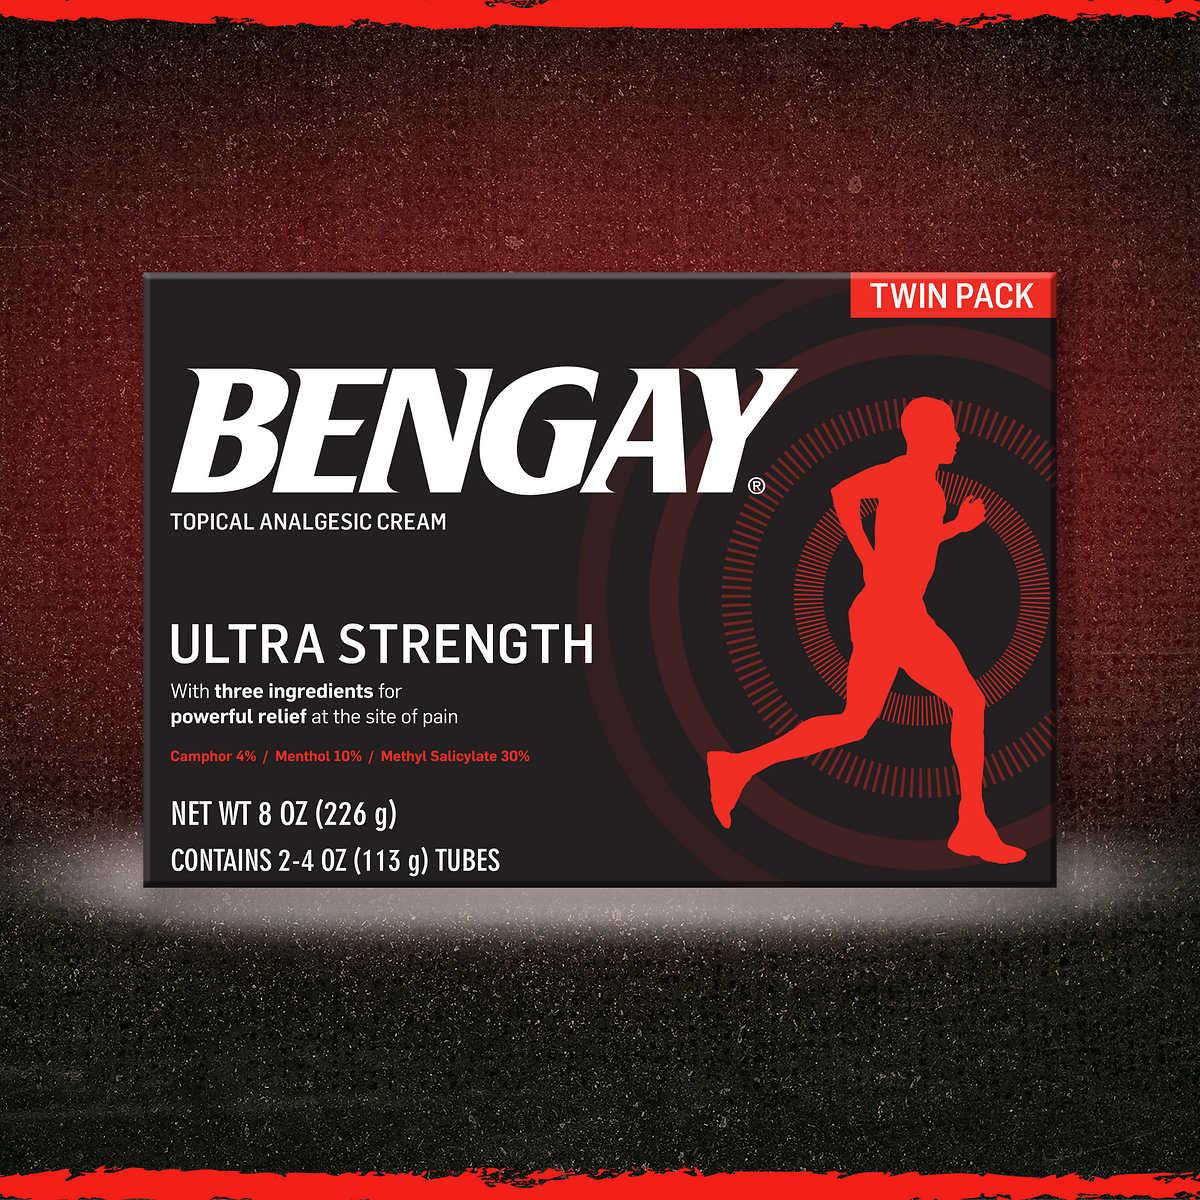 Kem xoa bóp Bengay 226g được bán tại Glucosamin.com.vn